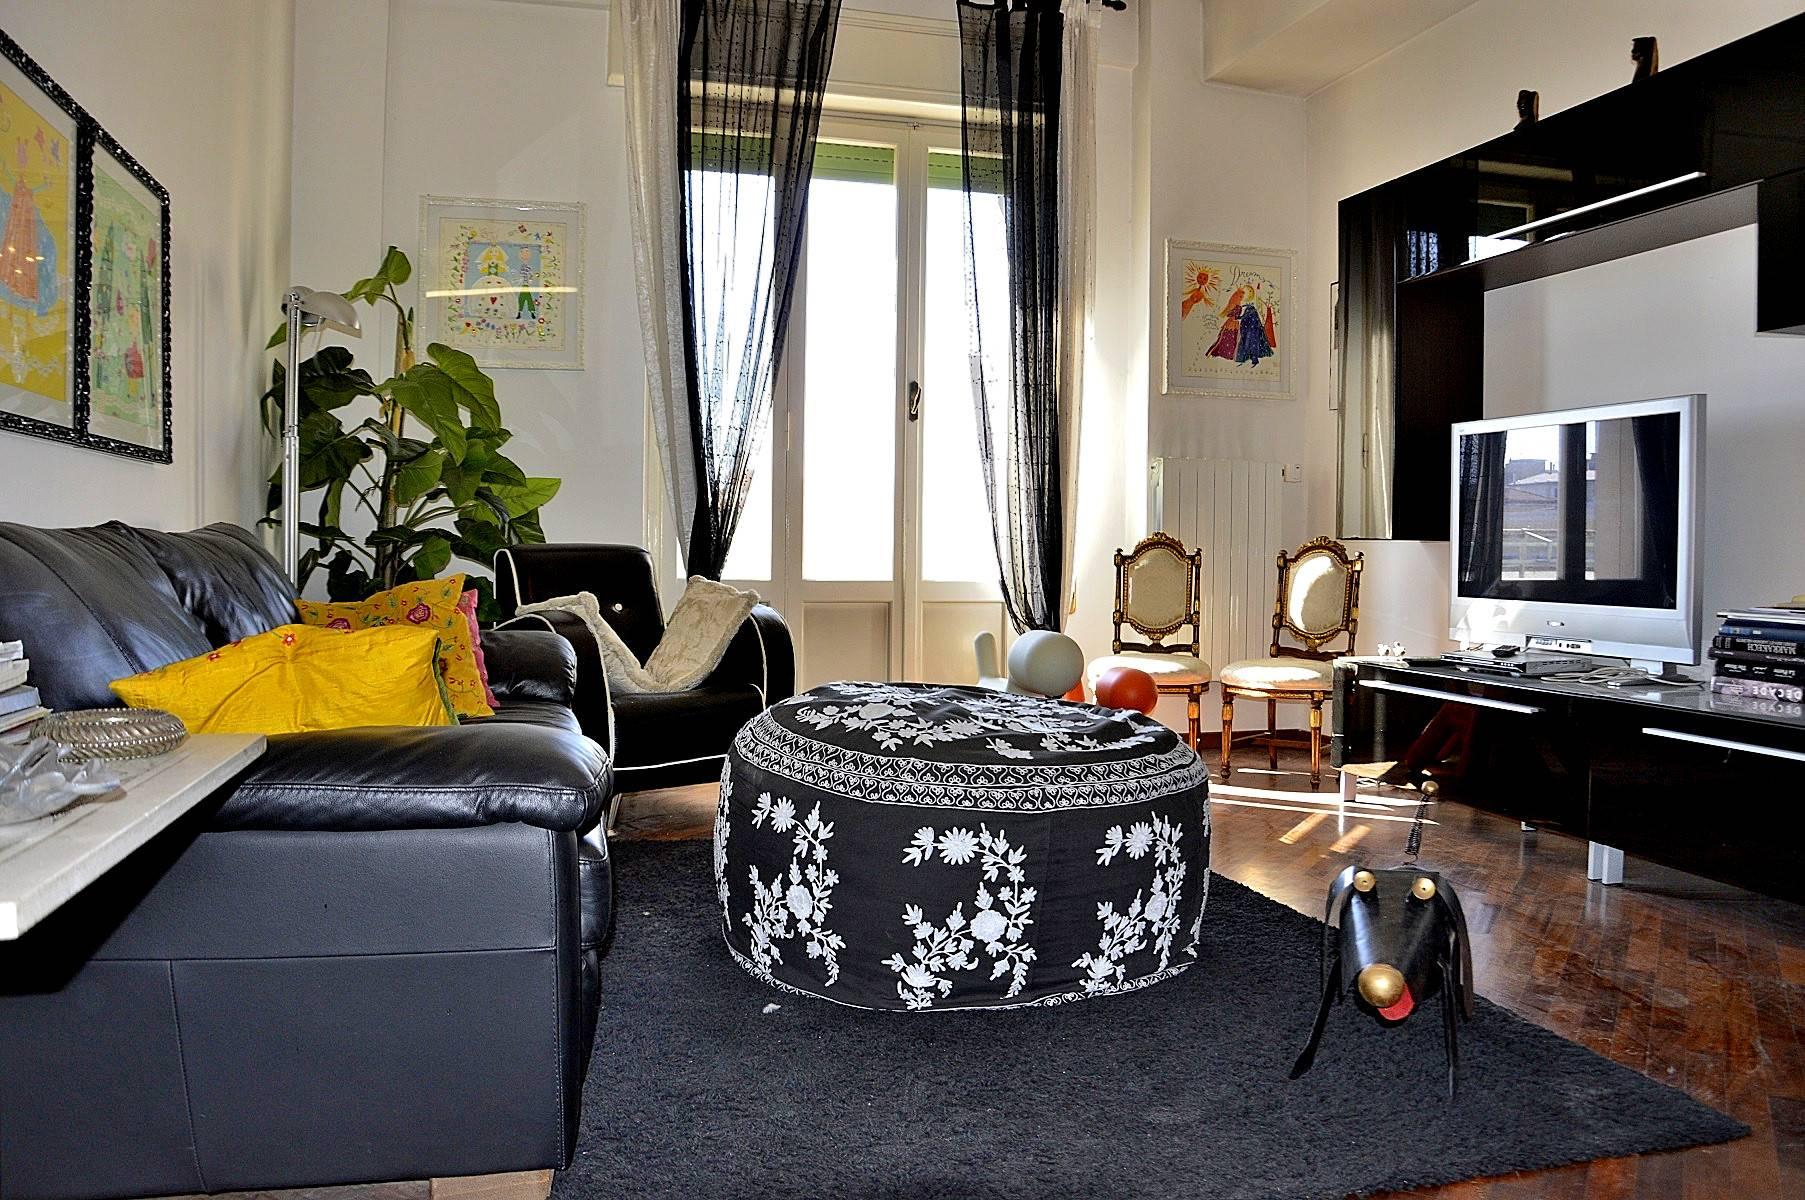 In Vendita Appartamento a Terni